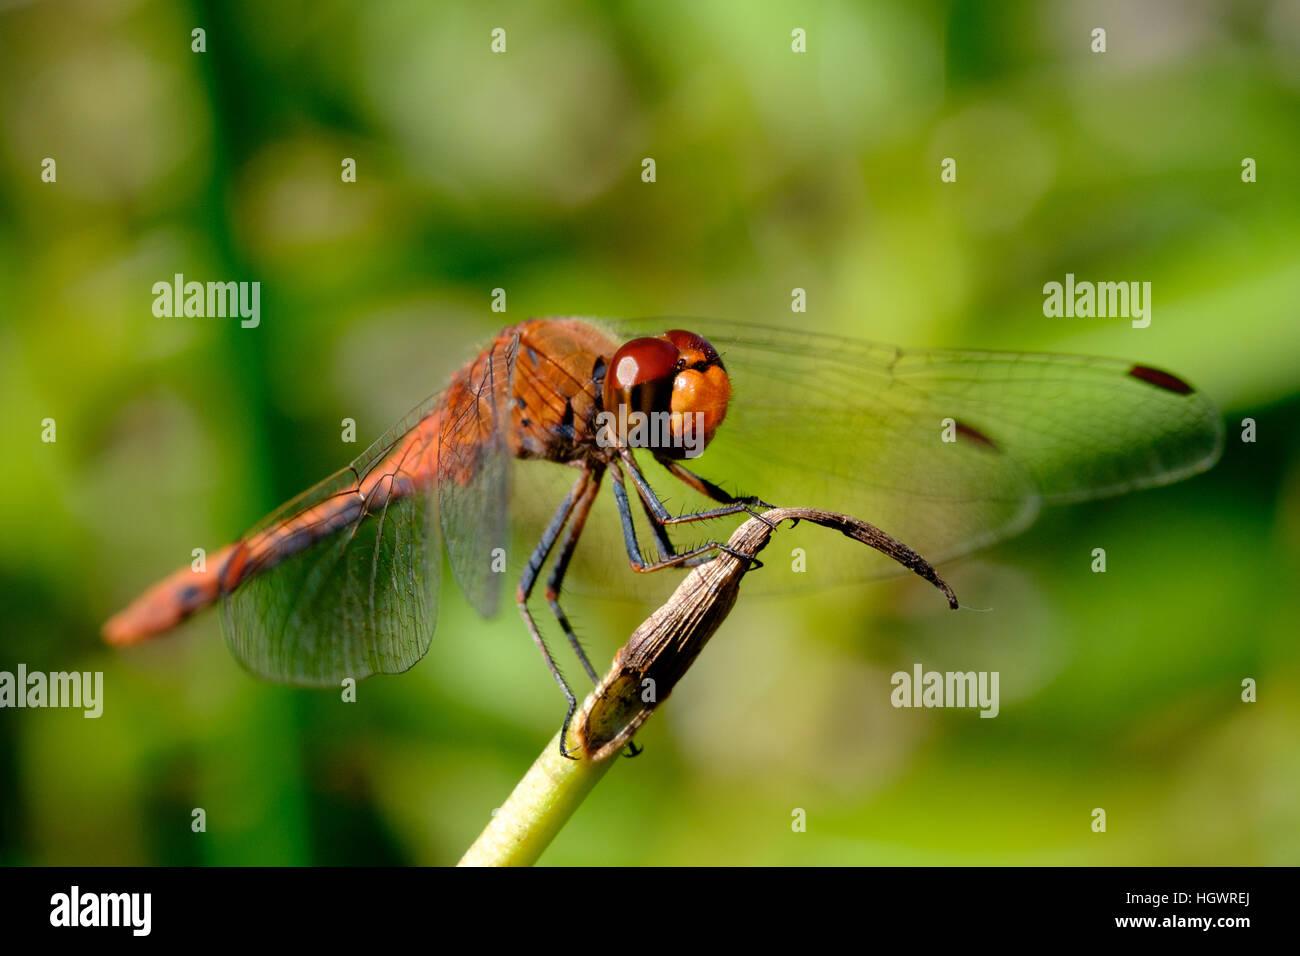 Chiudere il colpo di una libellula in appoggio sulla punta di un impianto di stelo con focus sull'occhio rosso Immagini Stock